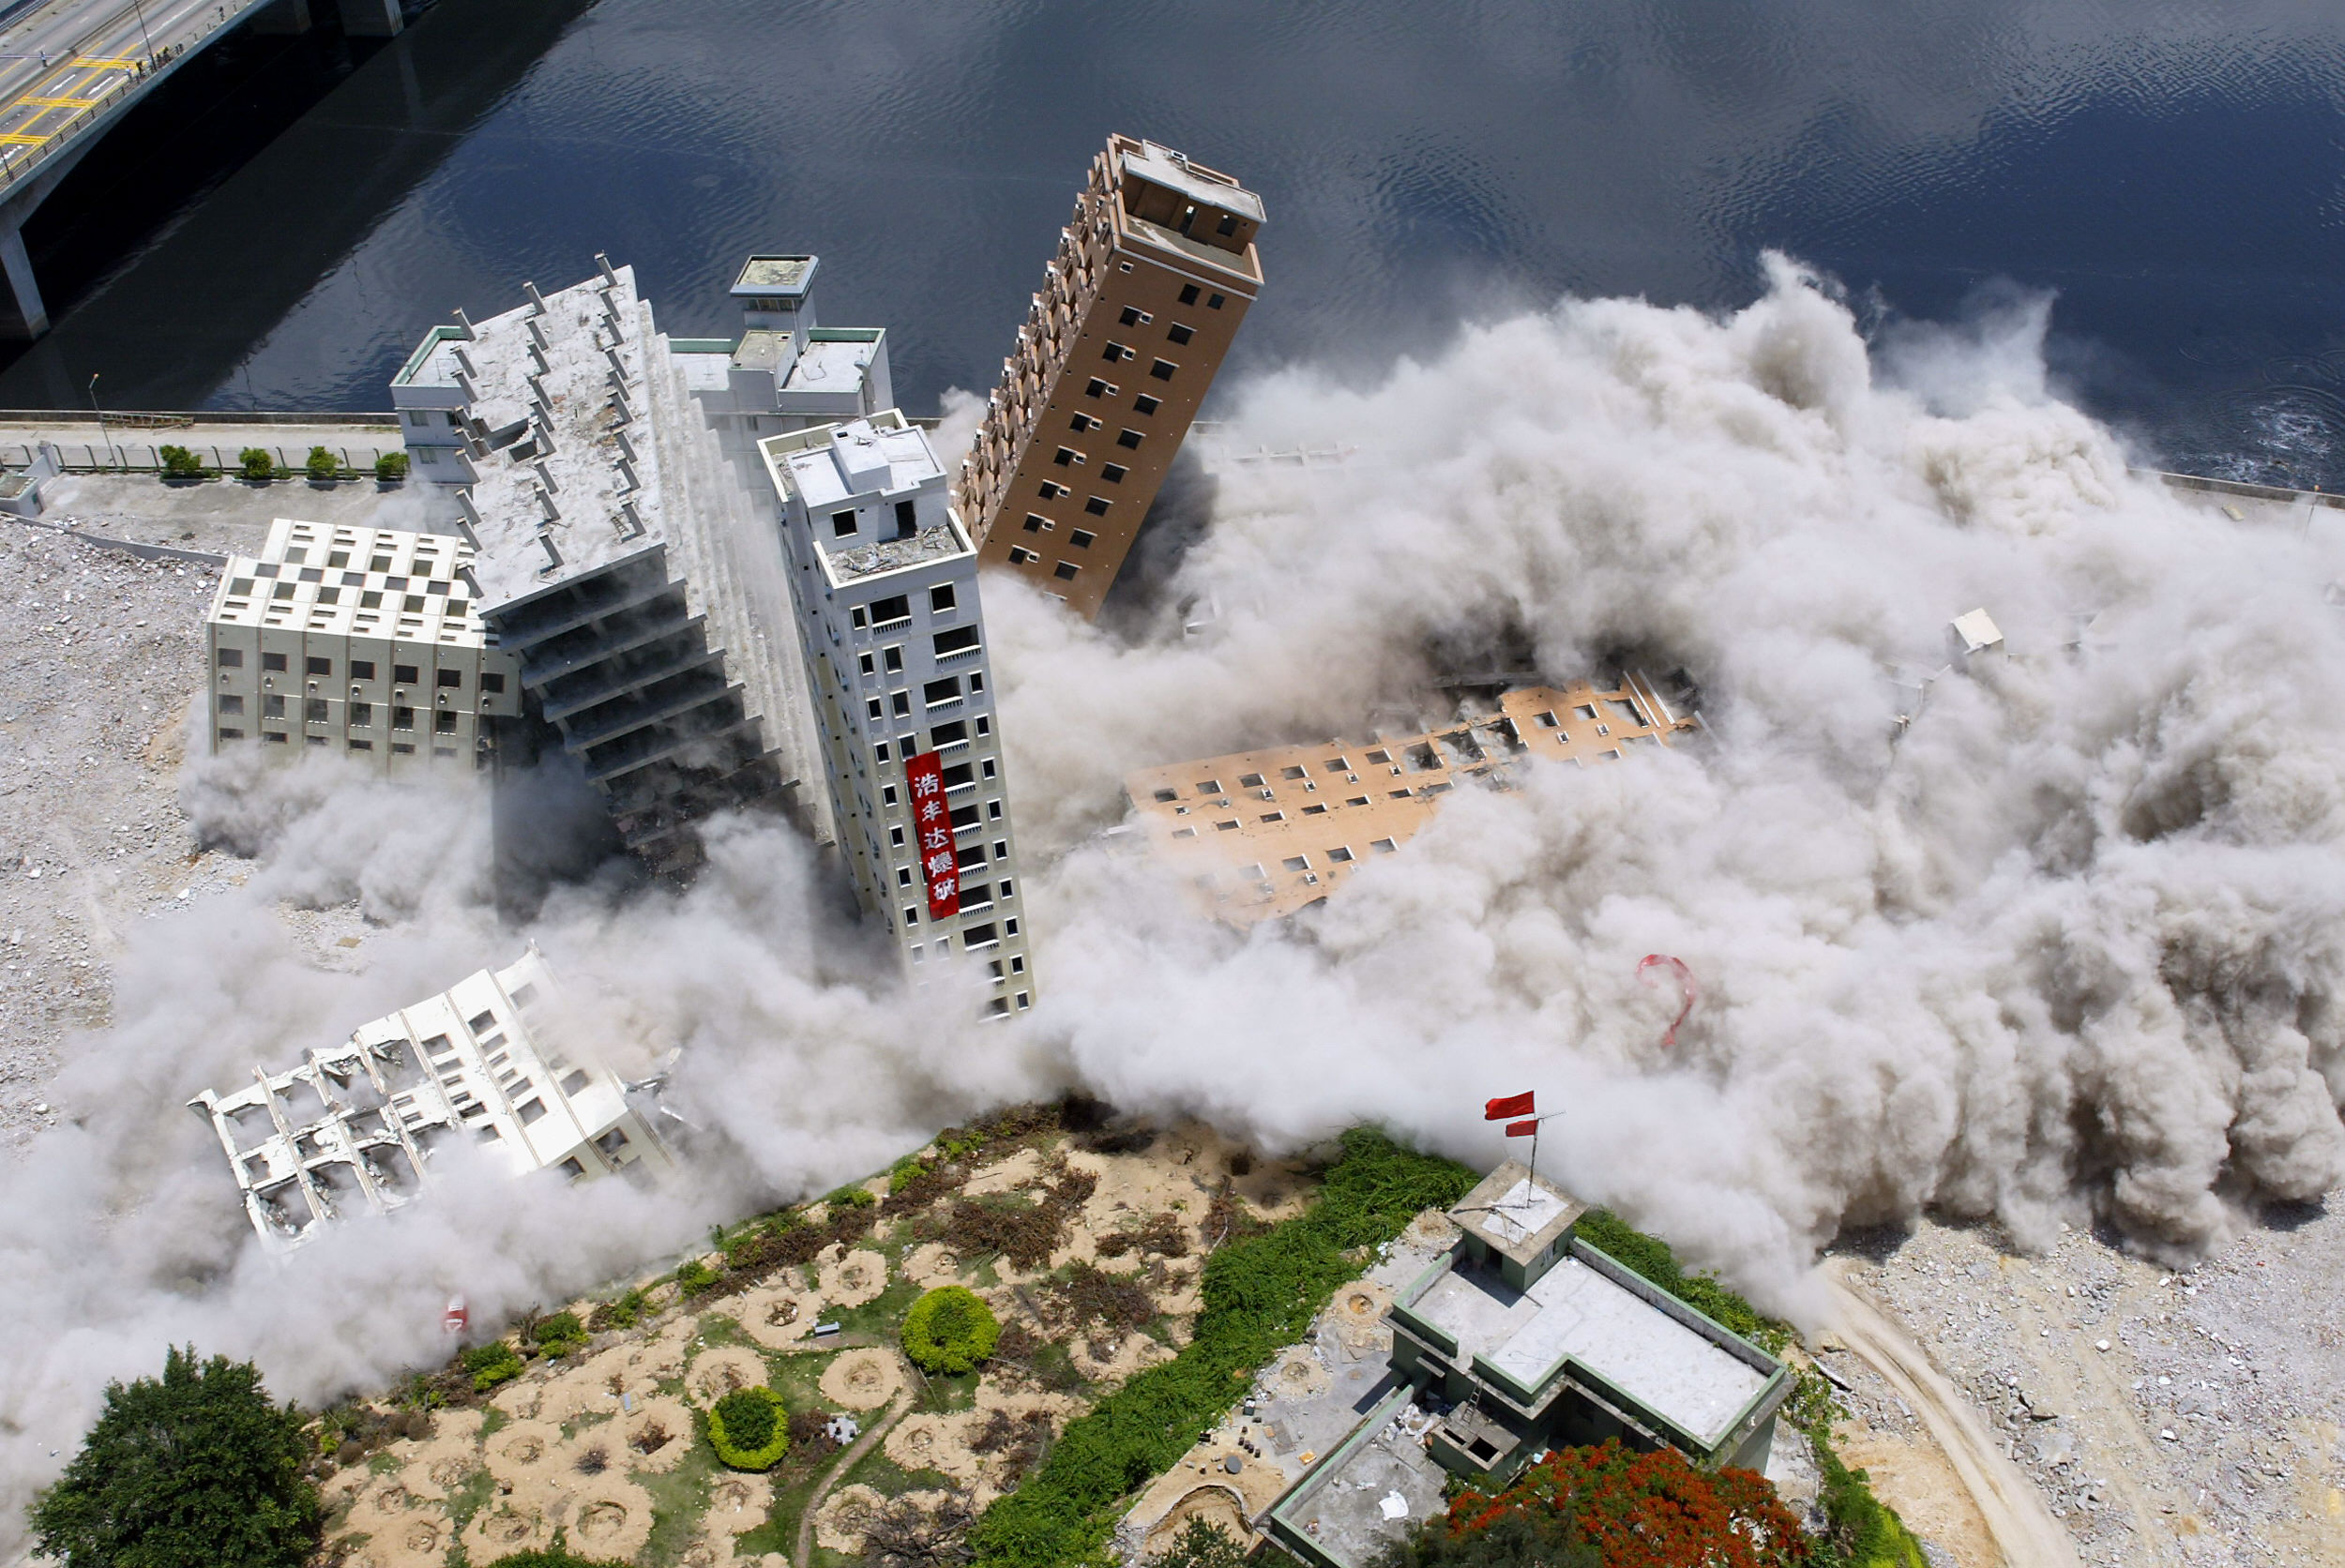 中國大陸經濟學家張明表示,展望2019年,能否控制住房地產風險,是中國防控系統性金融風險的重中之重。圖為示意照。 (AFP)